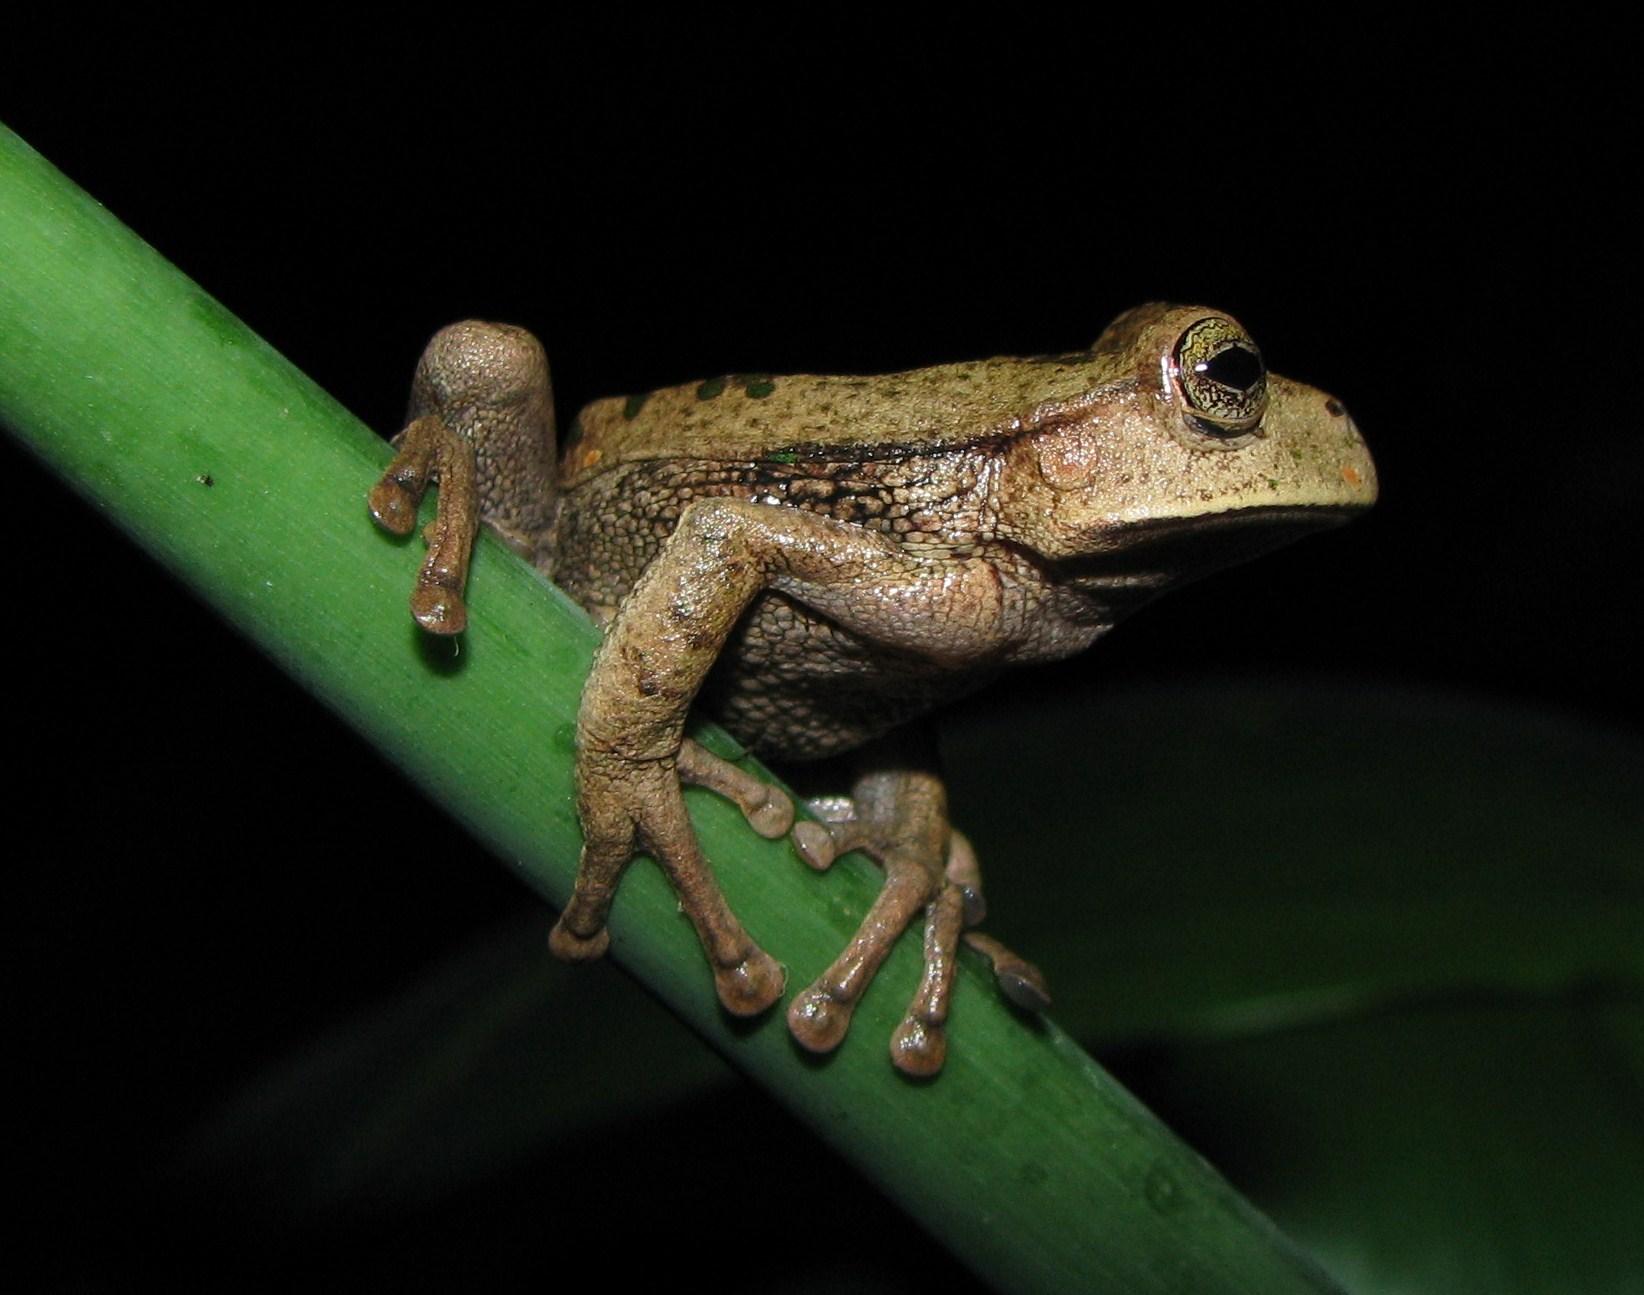 Una rana de la especie 'Gastrotheca testudinea'. Imagen: Tiffany Kosch / CSIC